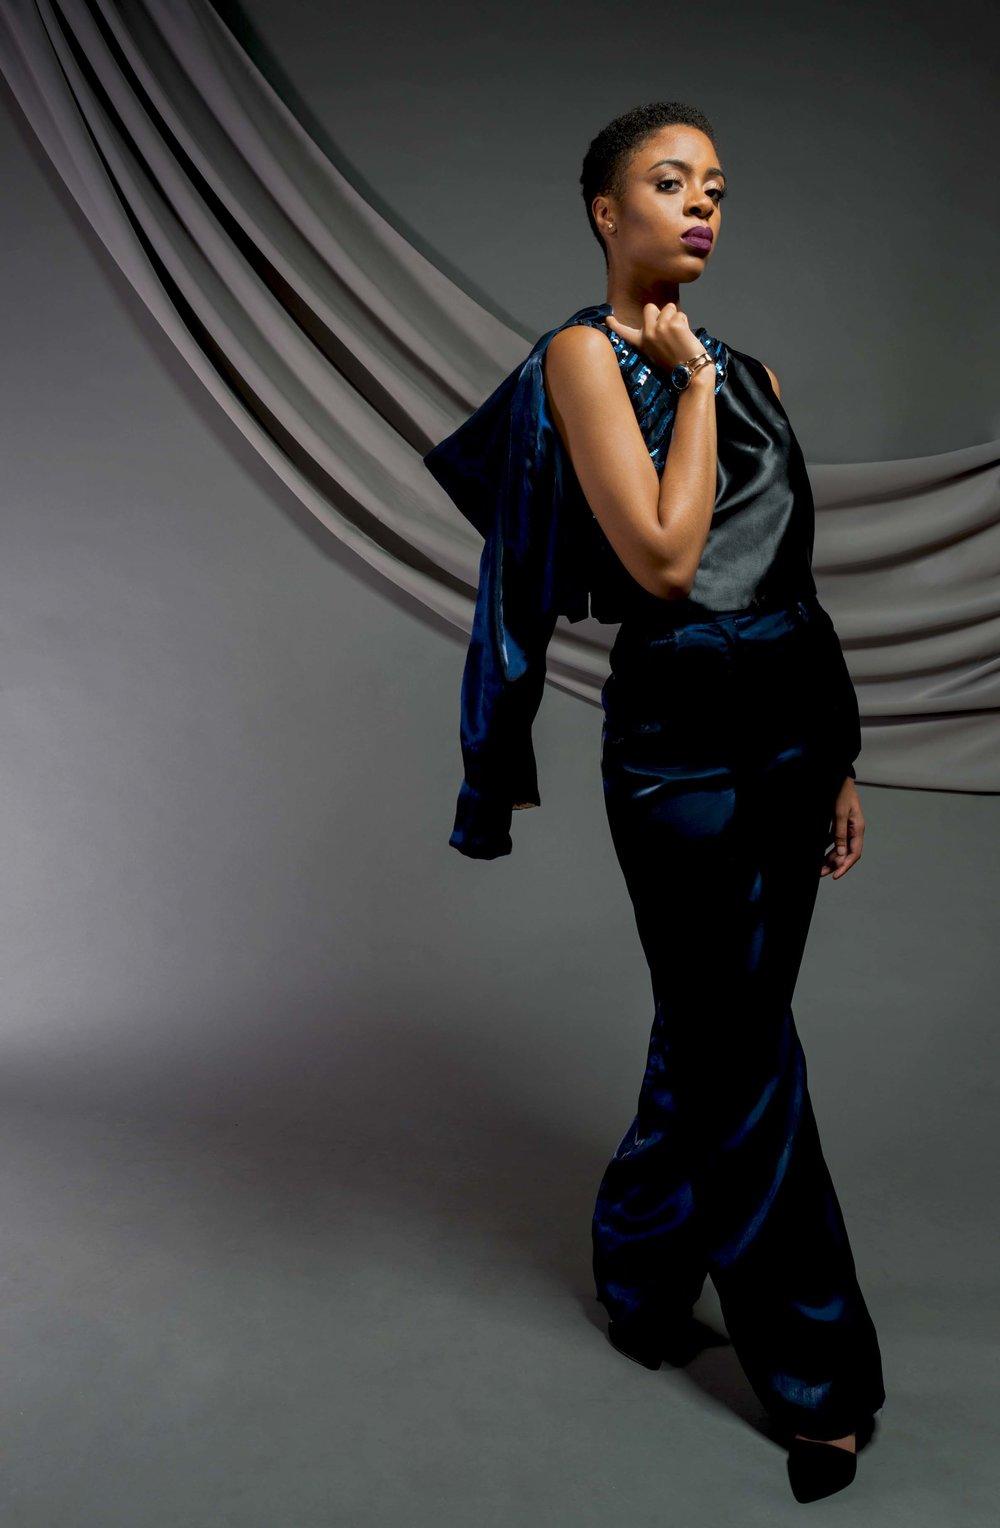 blue-suit-lb-front.jpg